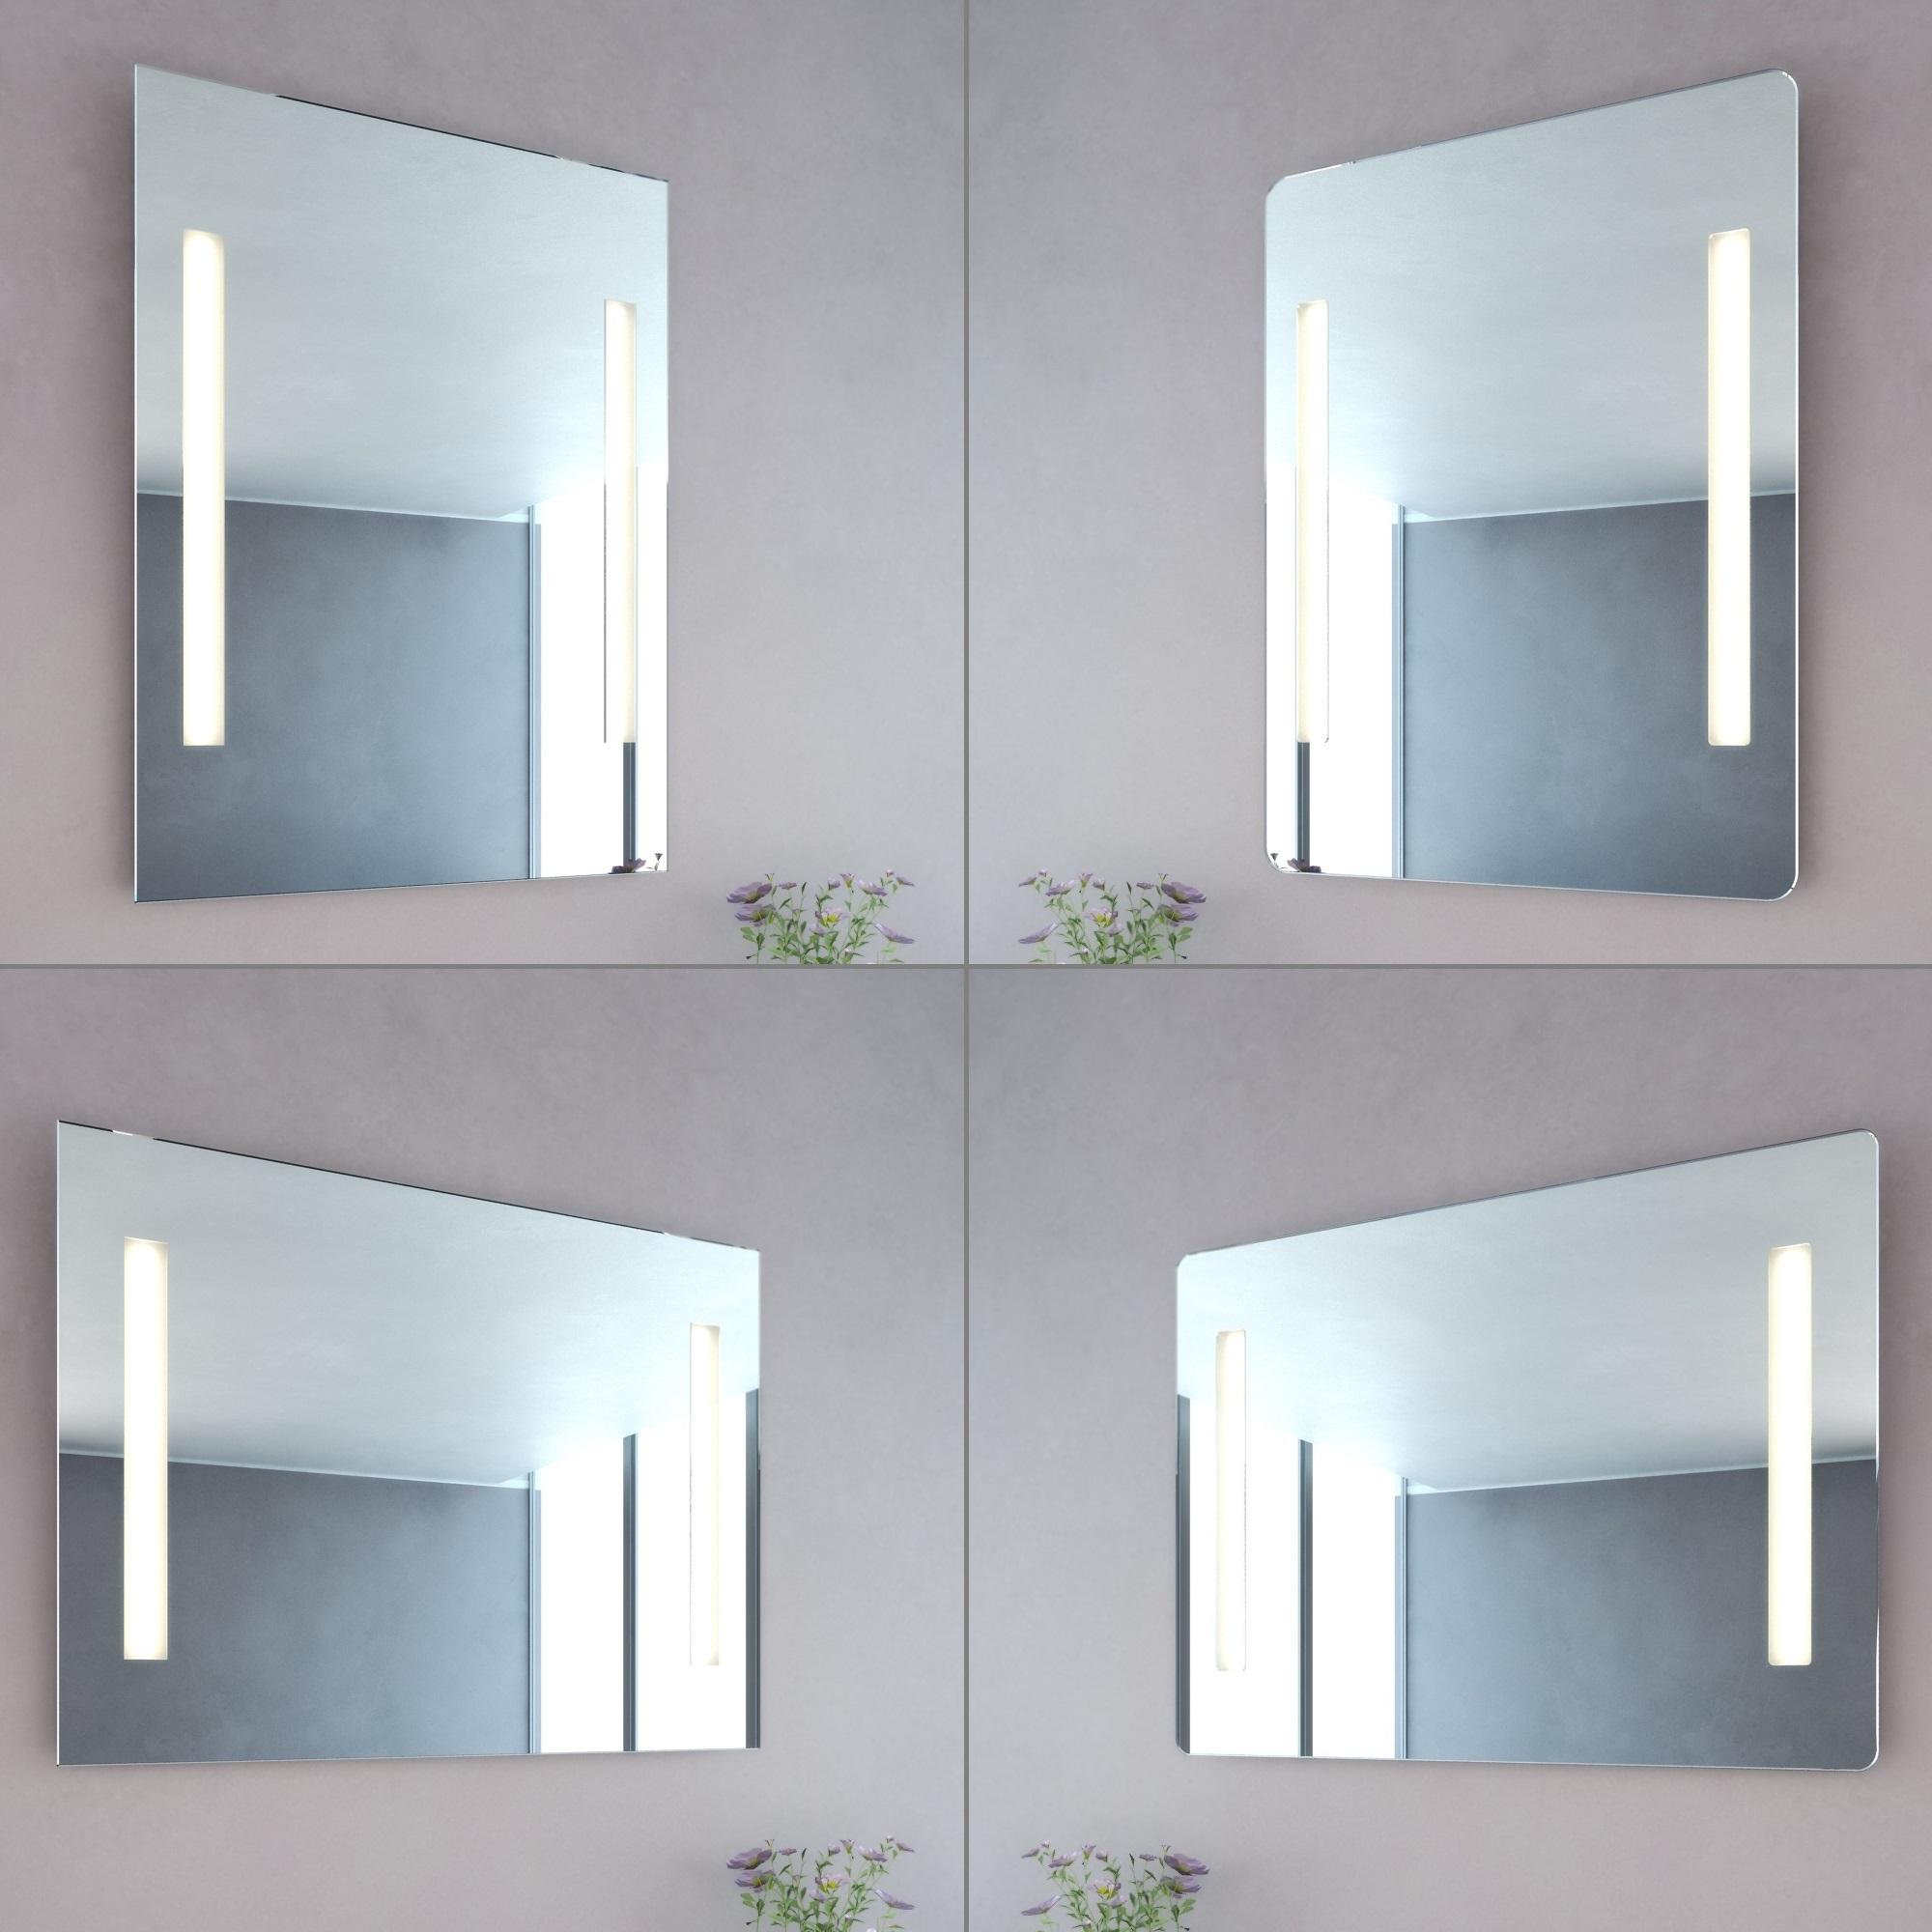 VA0008_1 Stilvolle Spiegel Mit Integrierter Beleuchtung Dekorationen